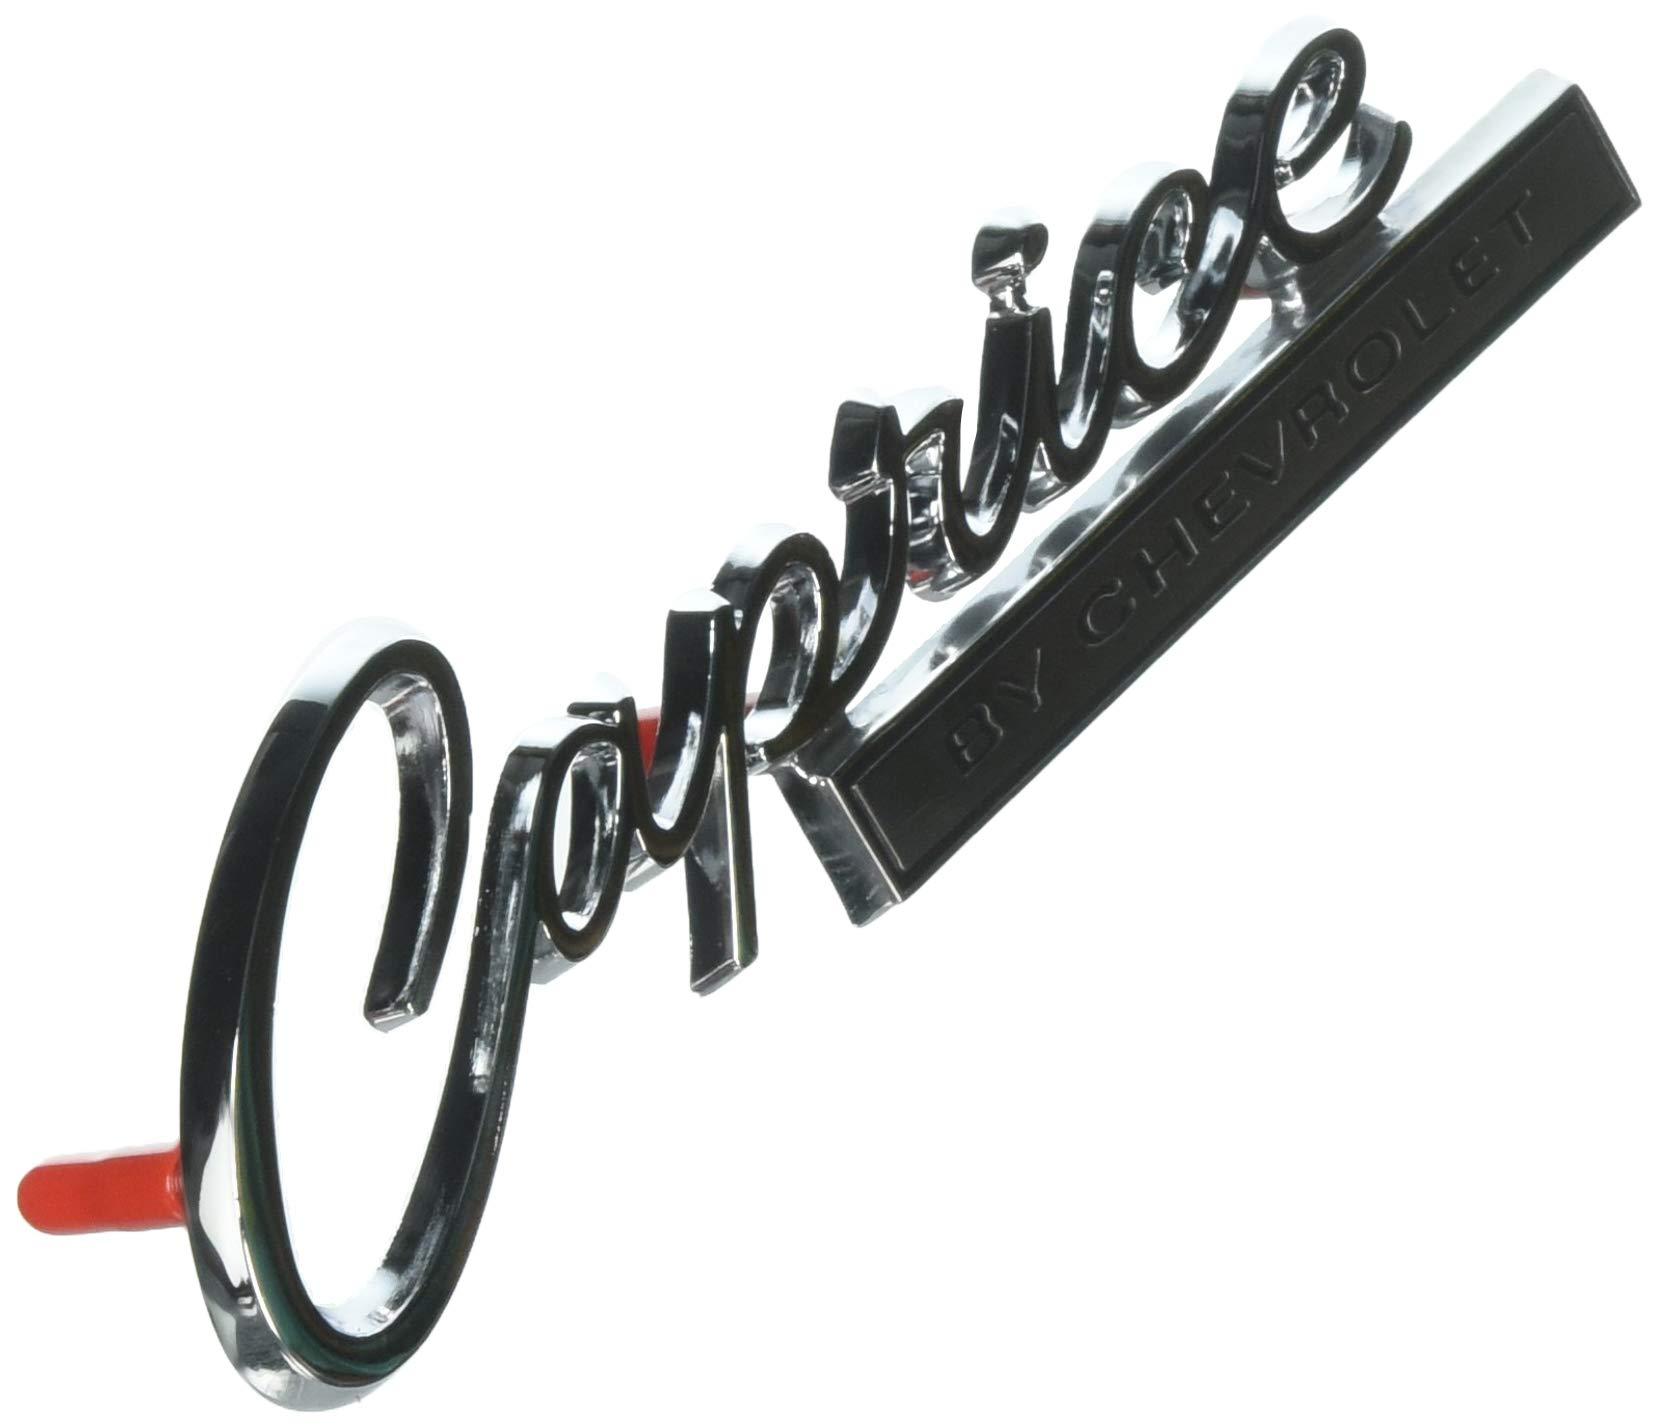 Caprice Emblem Top Deals Lowest Price 1966 Chevy Parts Trim 2571 Rear By Chevrolet